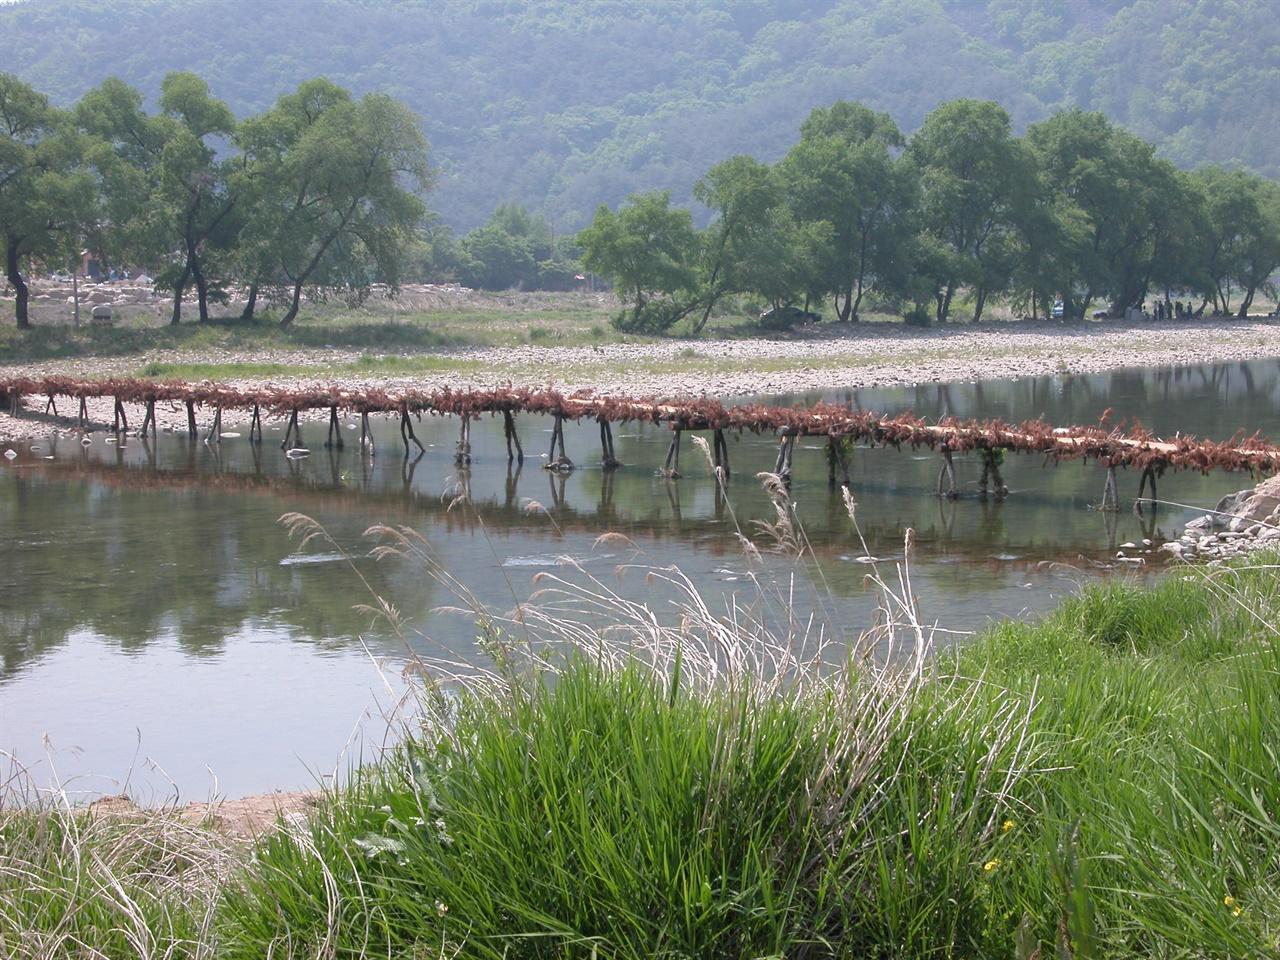 강변의 봄, 갈색으로 말라있는 다리의 섶 녹음이 피어나는 강변의 봄 풍경 속에, 지난 가을 만들어진 판운리 섶다리 모습.